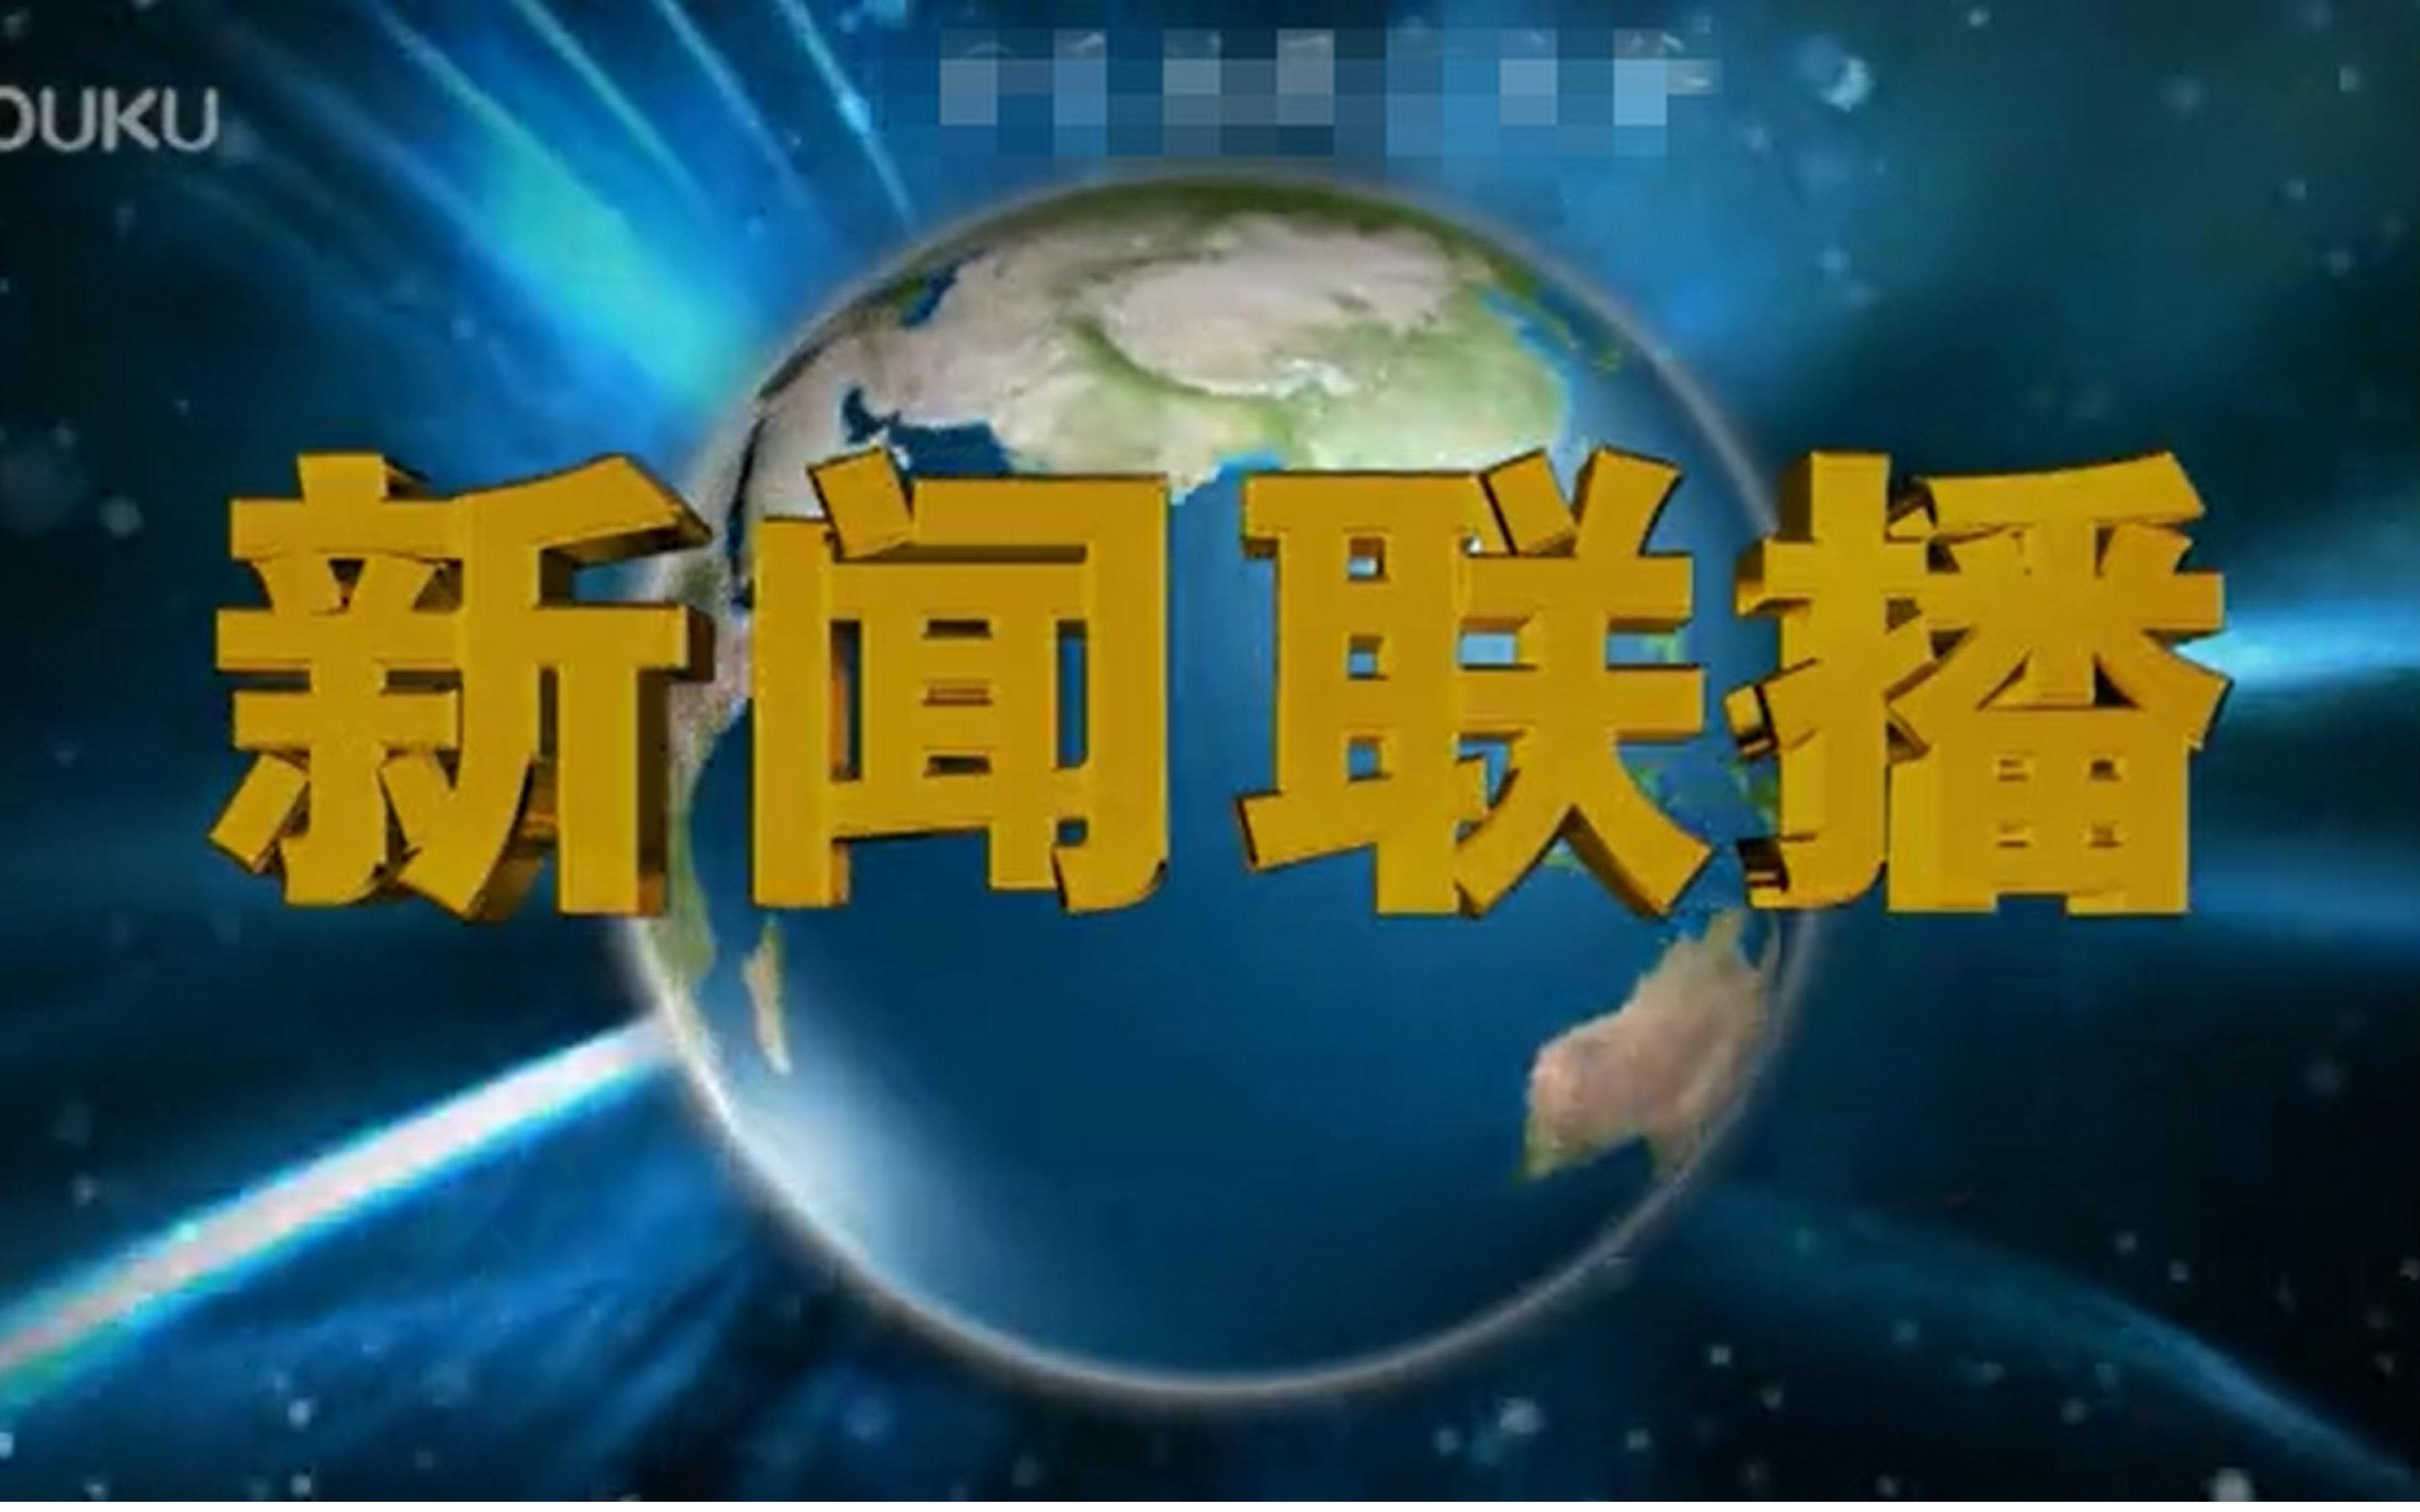 资讯背景_晚上新闻联播后面的背景是什么?